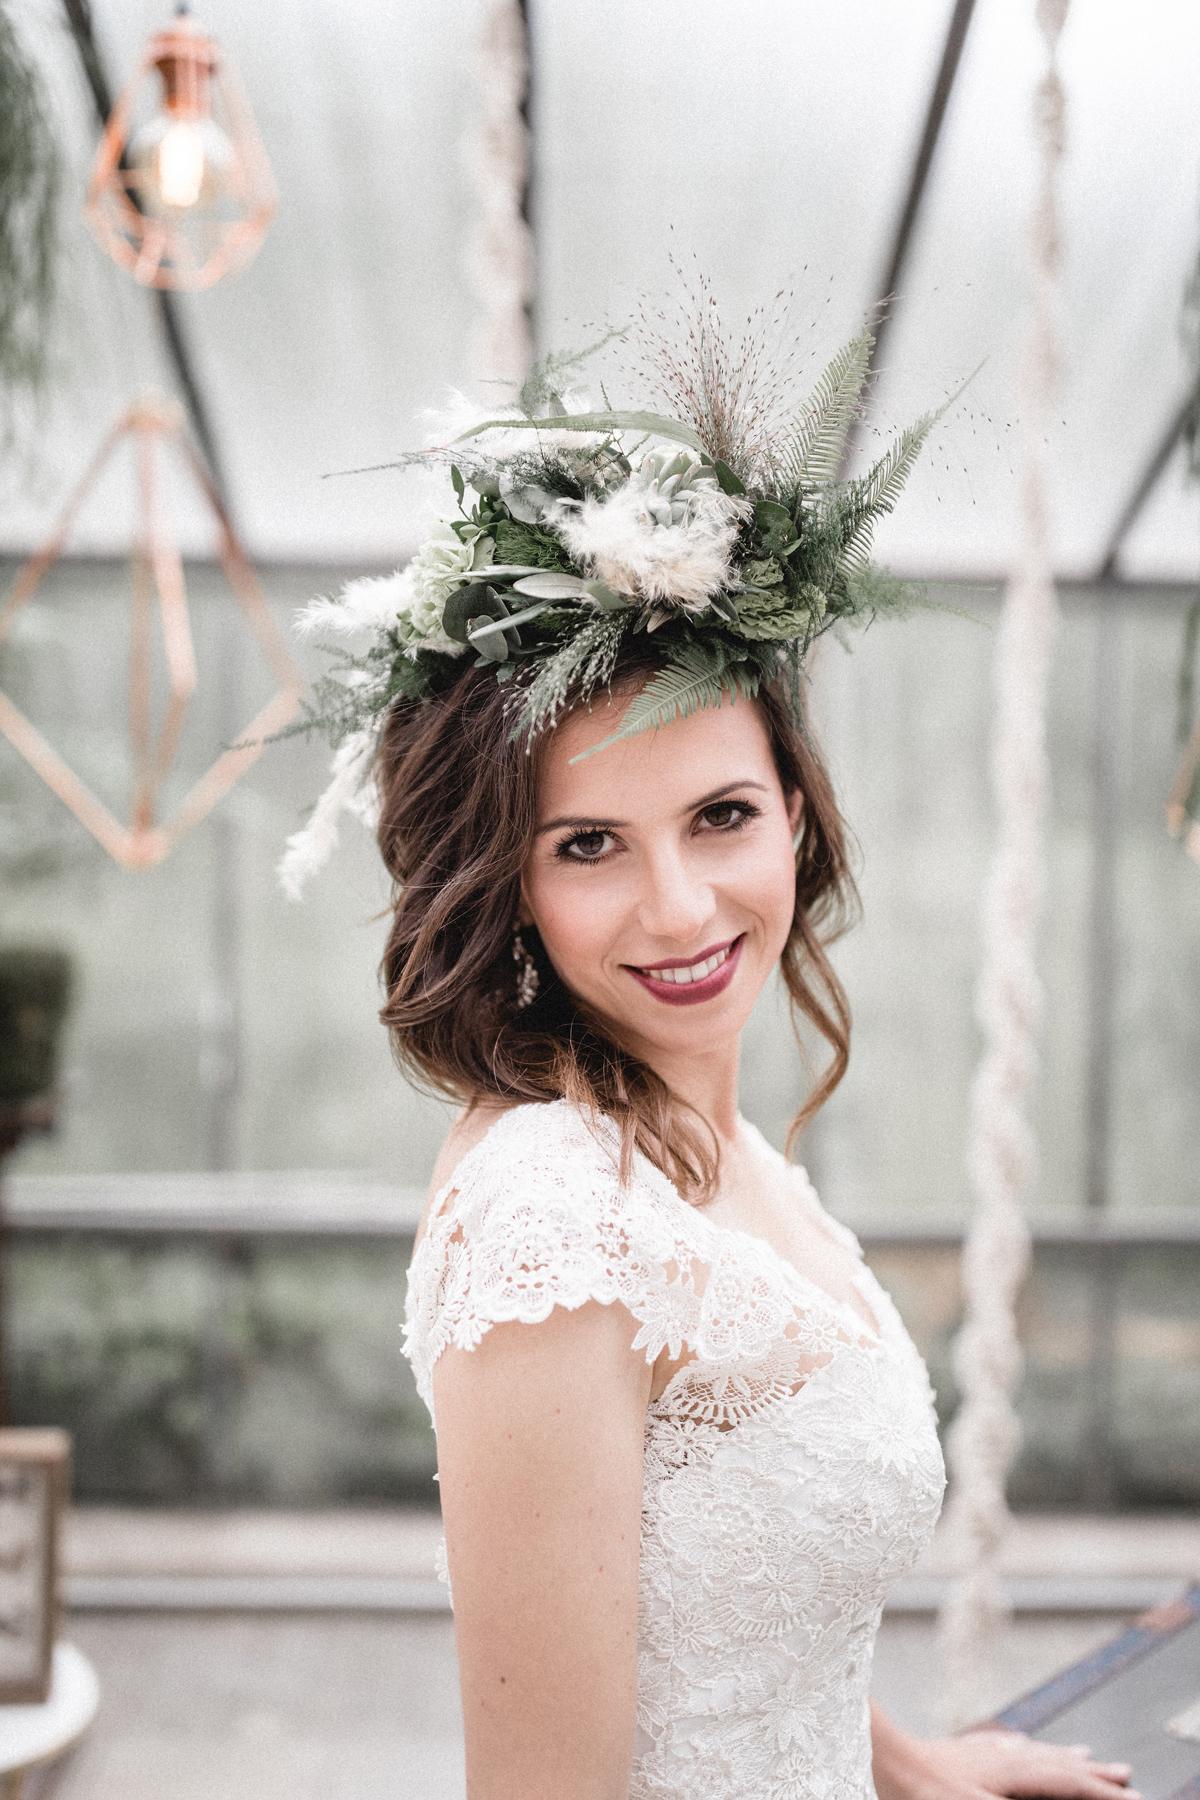 Andreas_Nusch_Hochzeitsfotografie_Brautshooting_2017_JA-Hochzeitsshop_0105